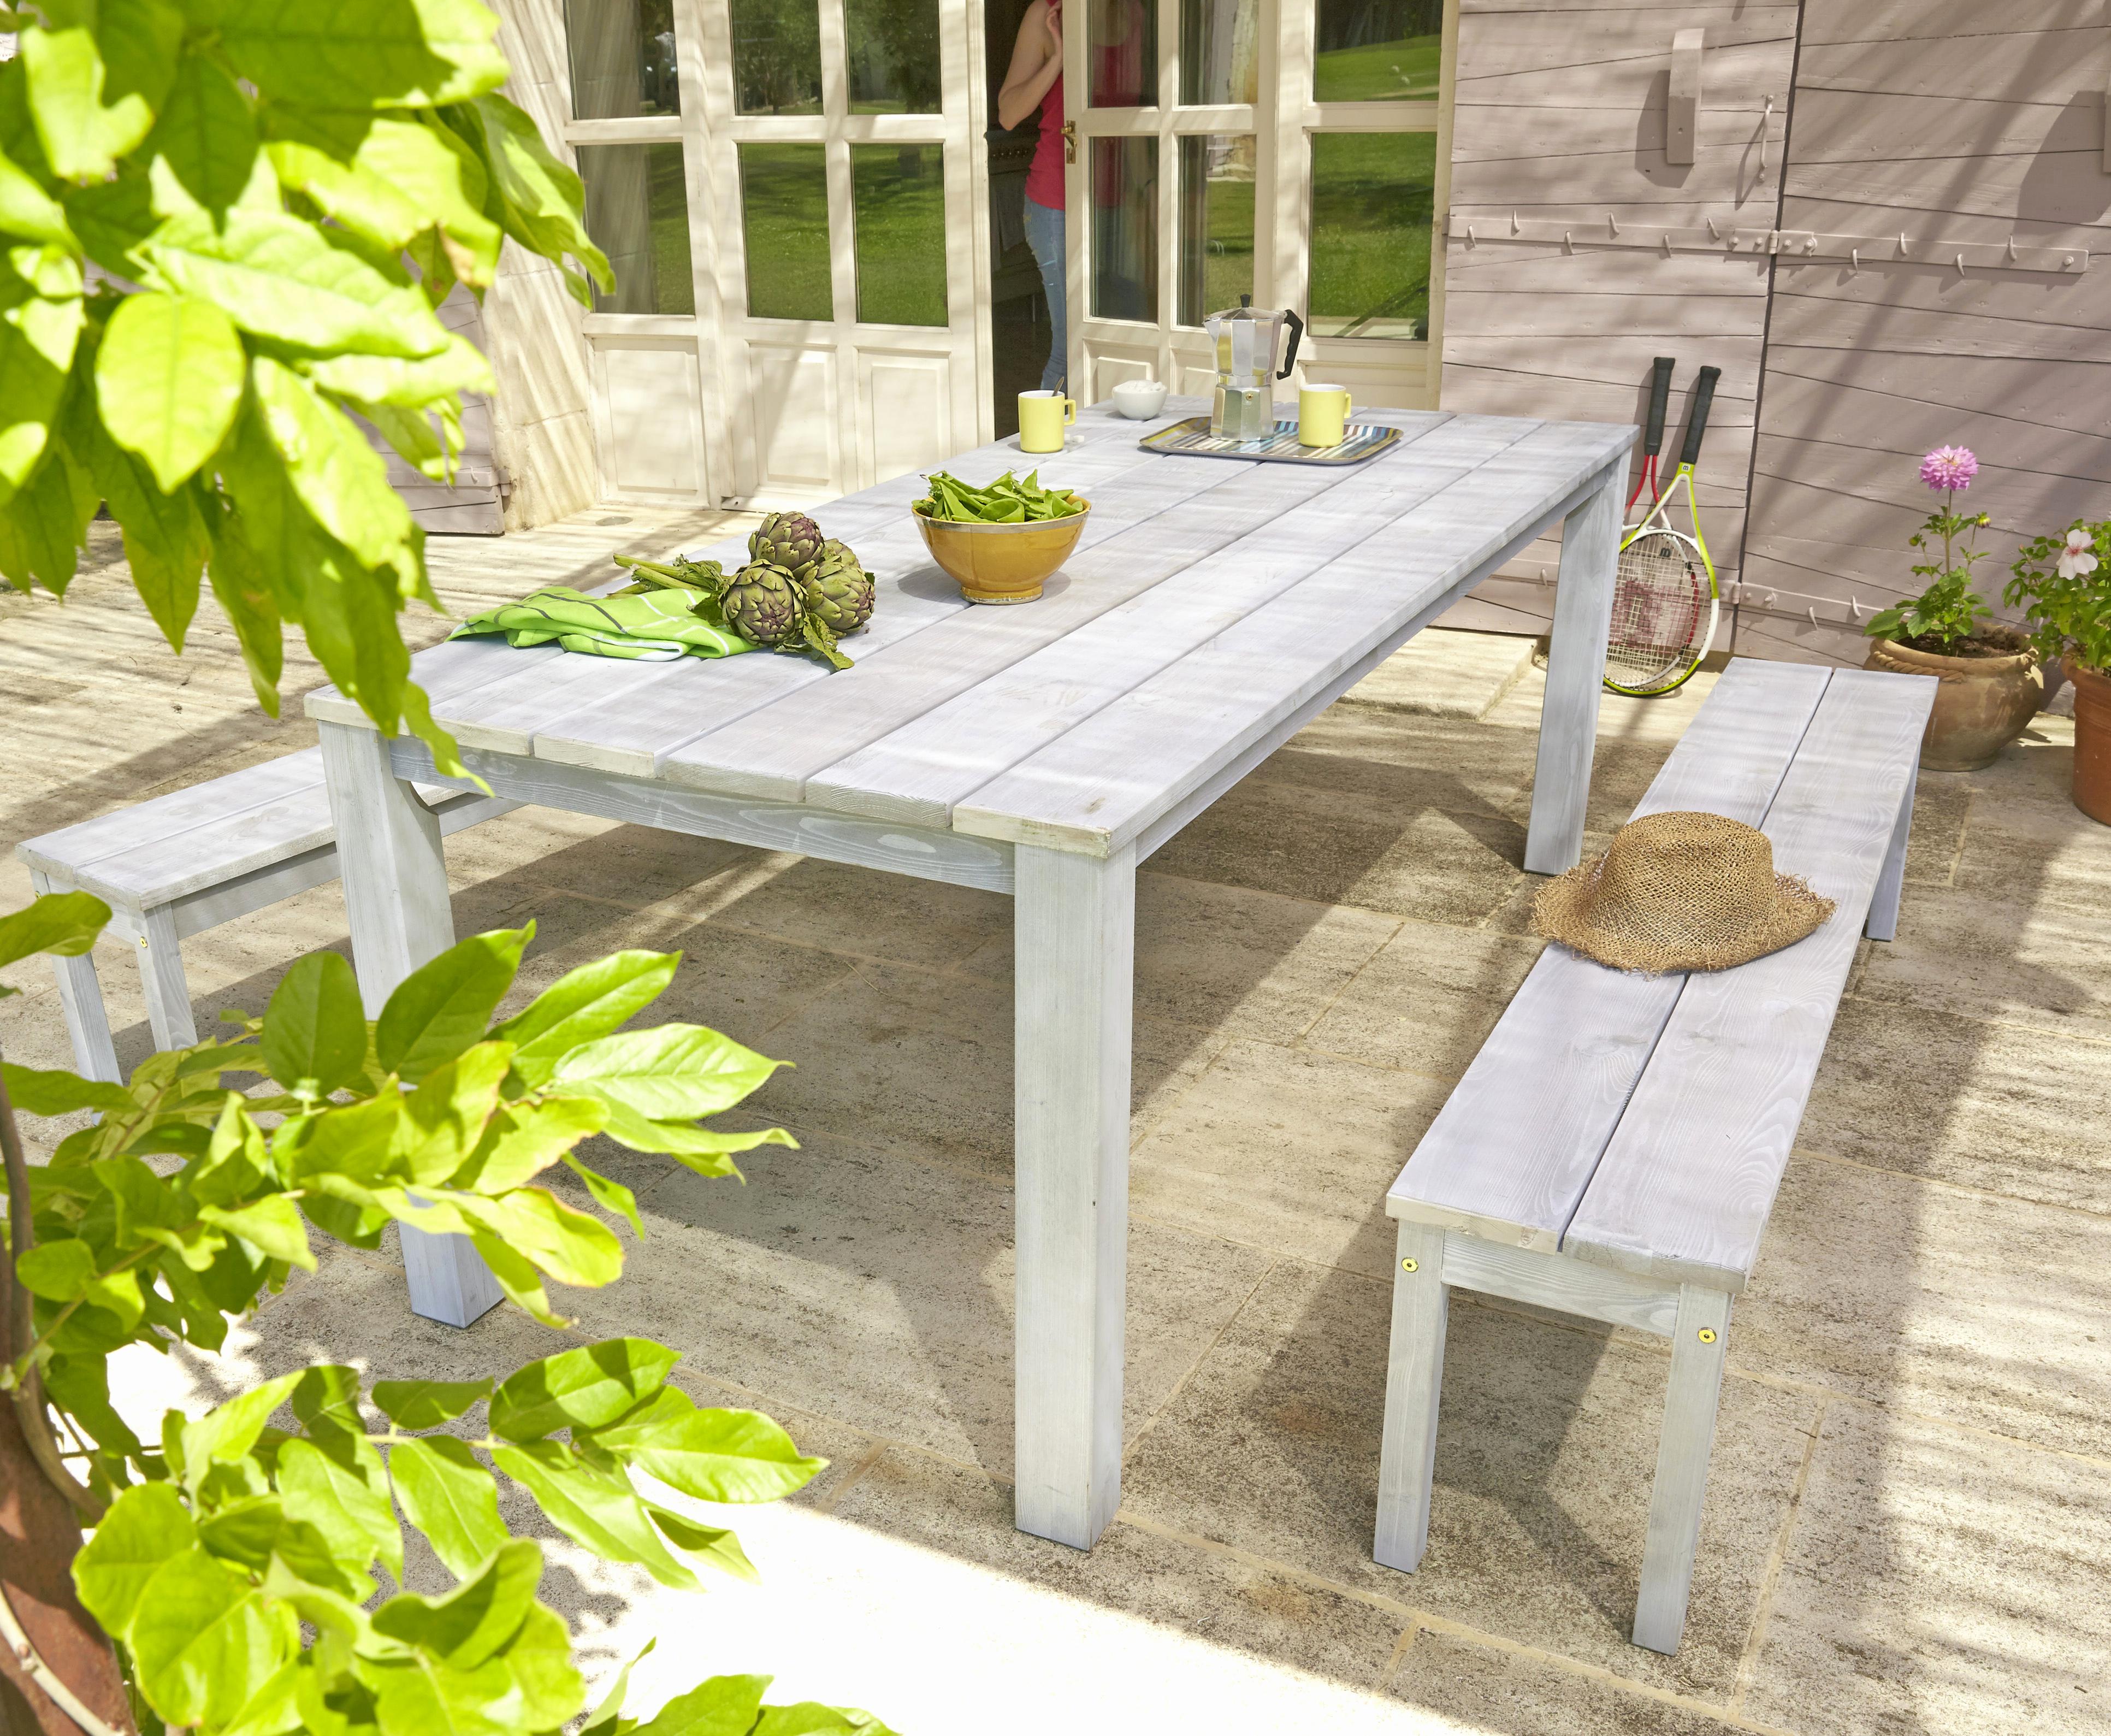 Carrefour tonnelle De Jardin Meilleur De Galerie Table De Jardin Pliante Carrefour Génial 34 élégant Graphie De